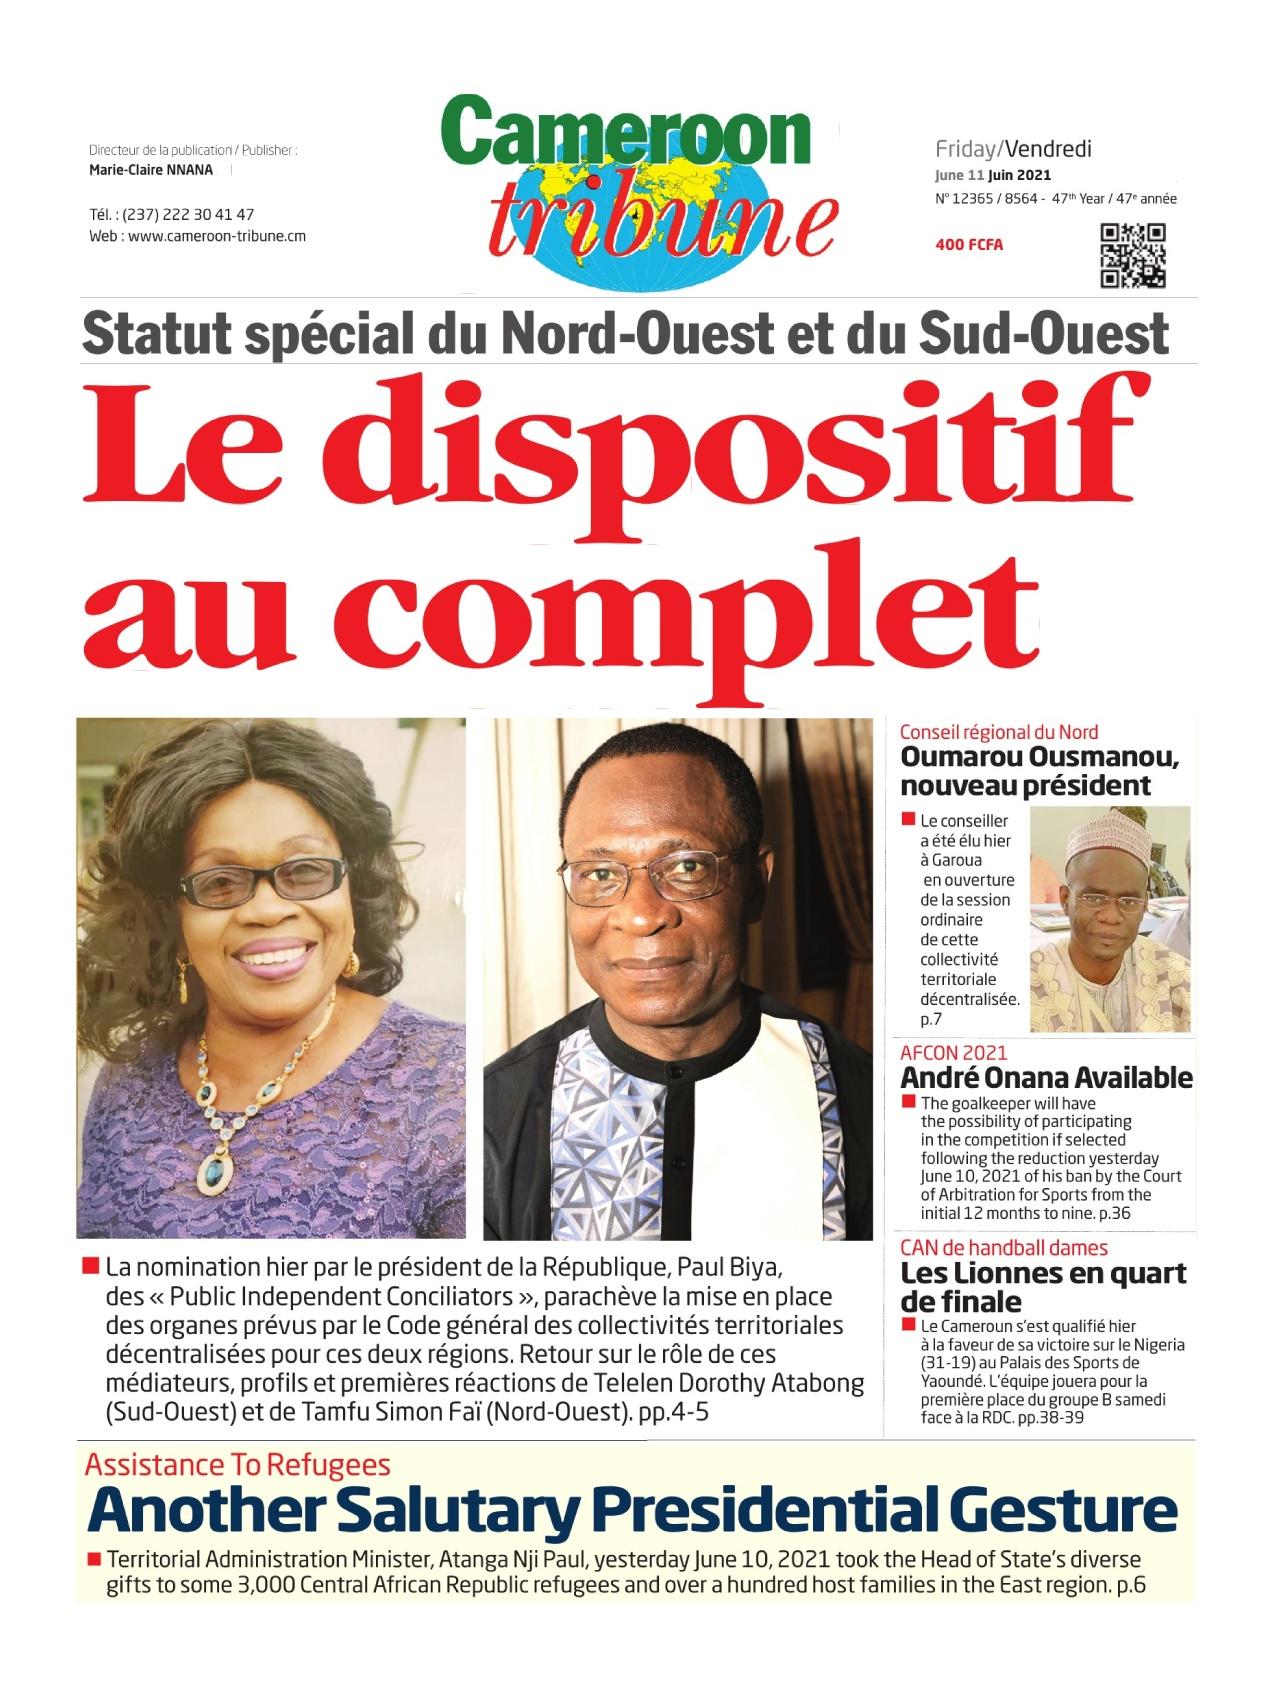 Cameroon Tribune - 11/06/2021